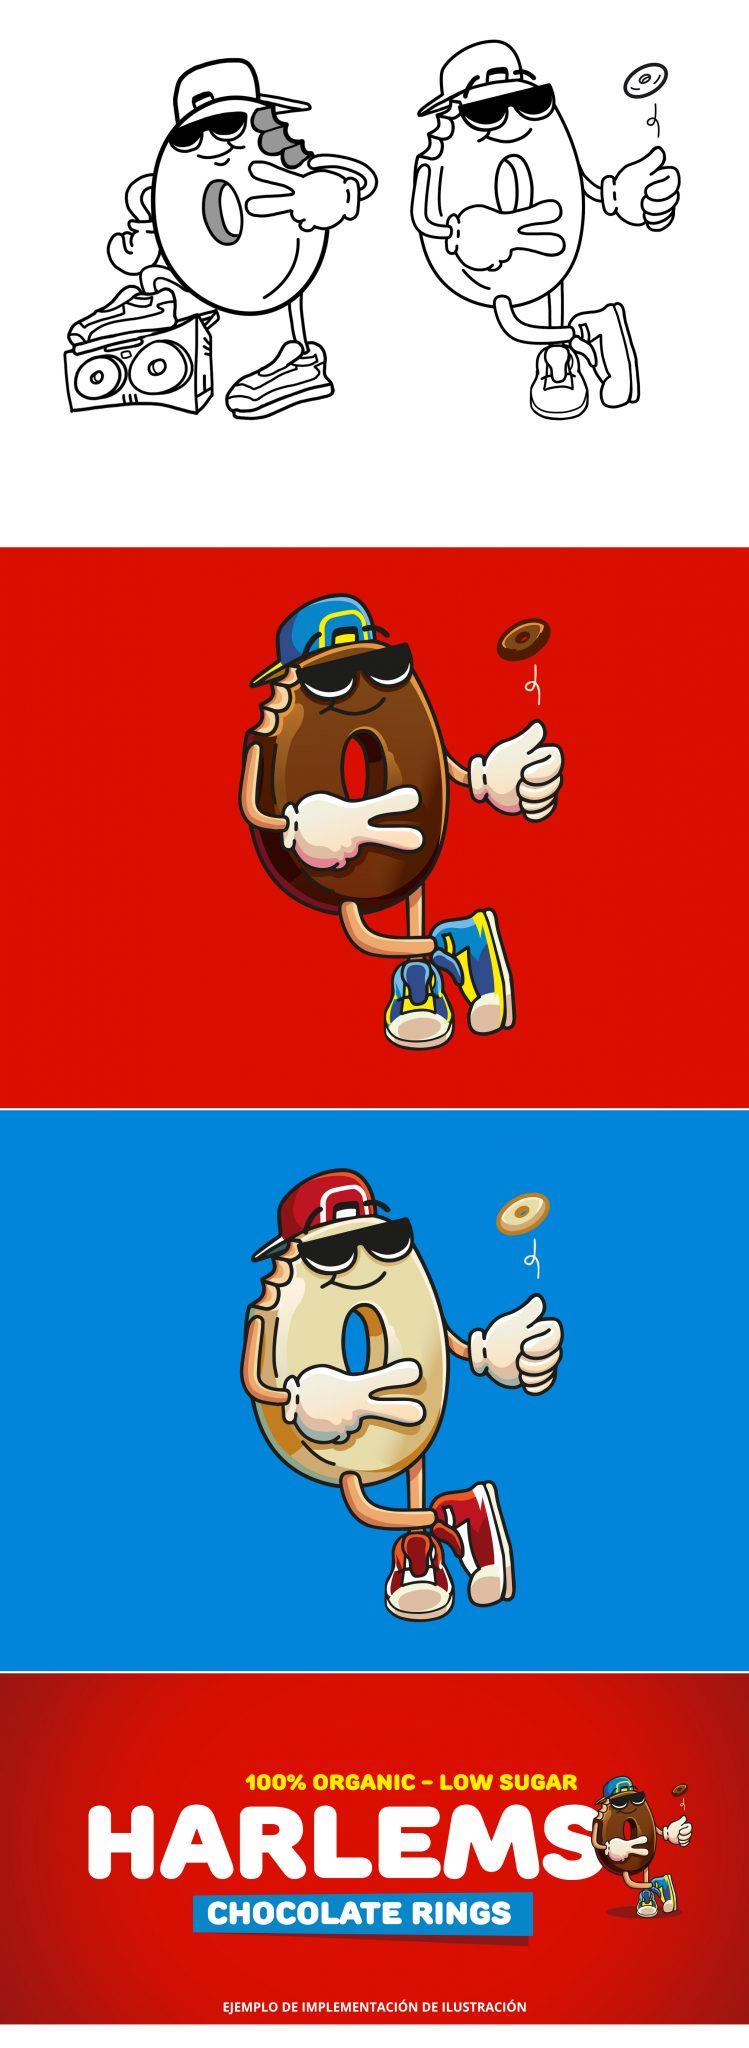 Aros de chocolate, mascota publicitaria